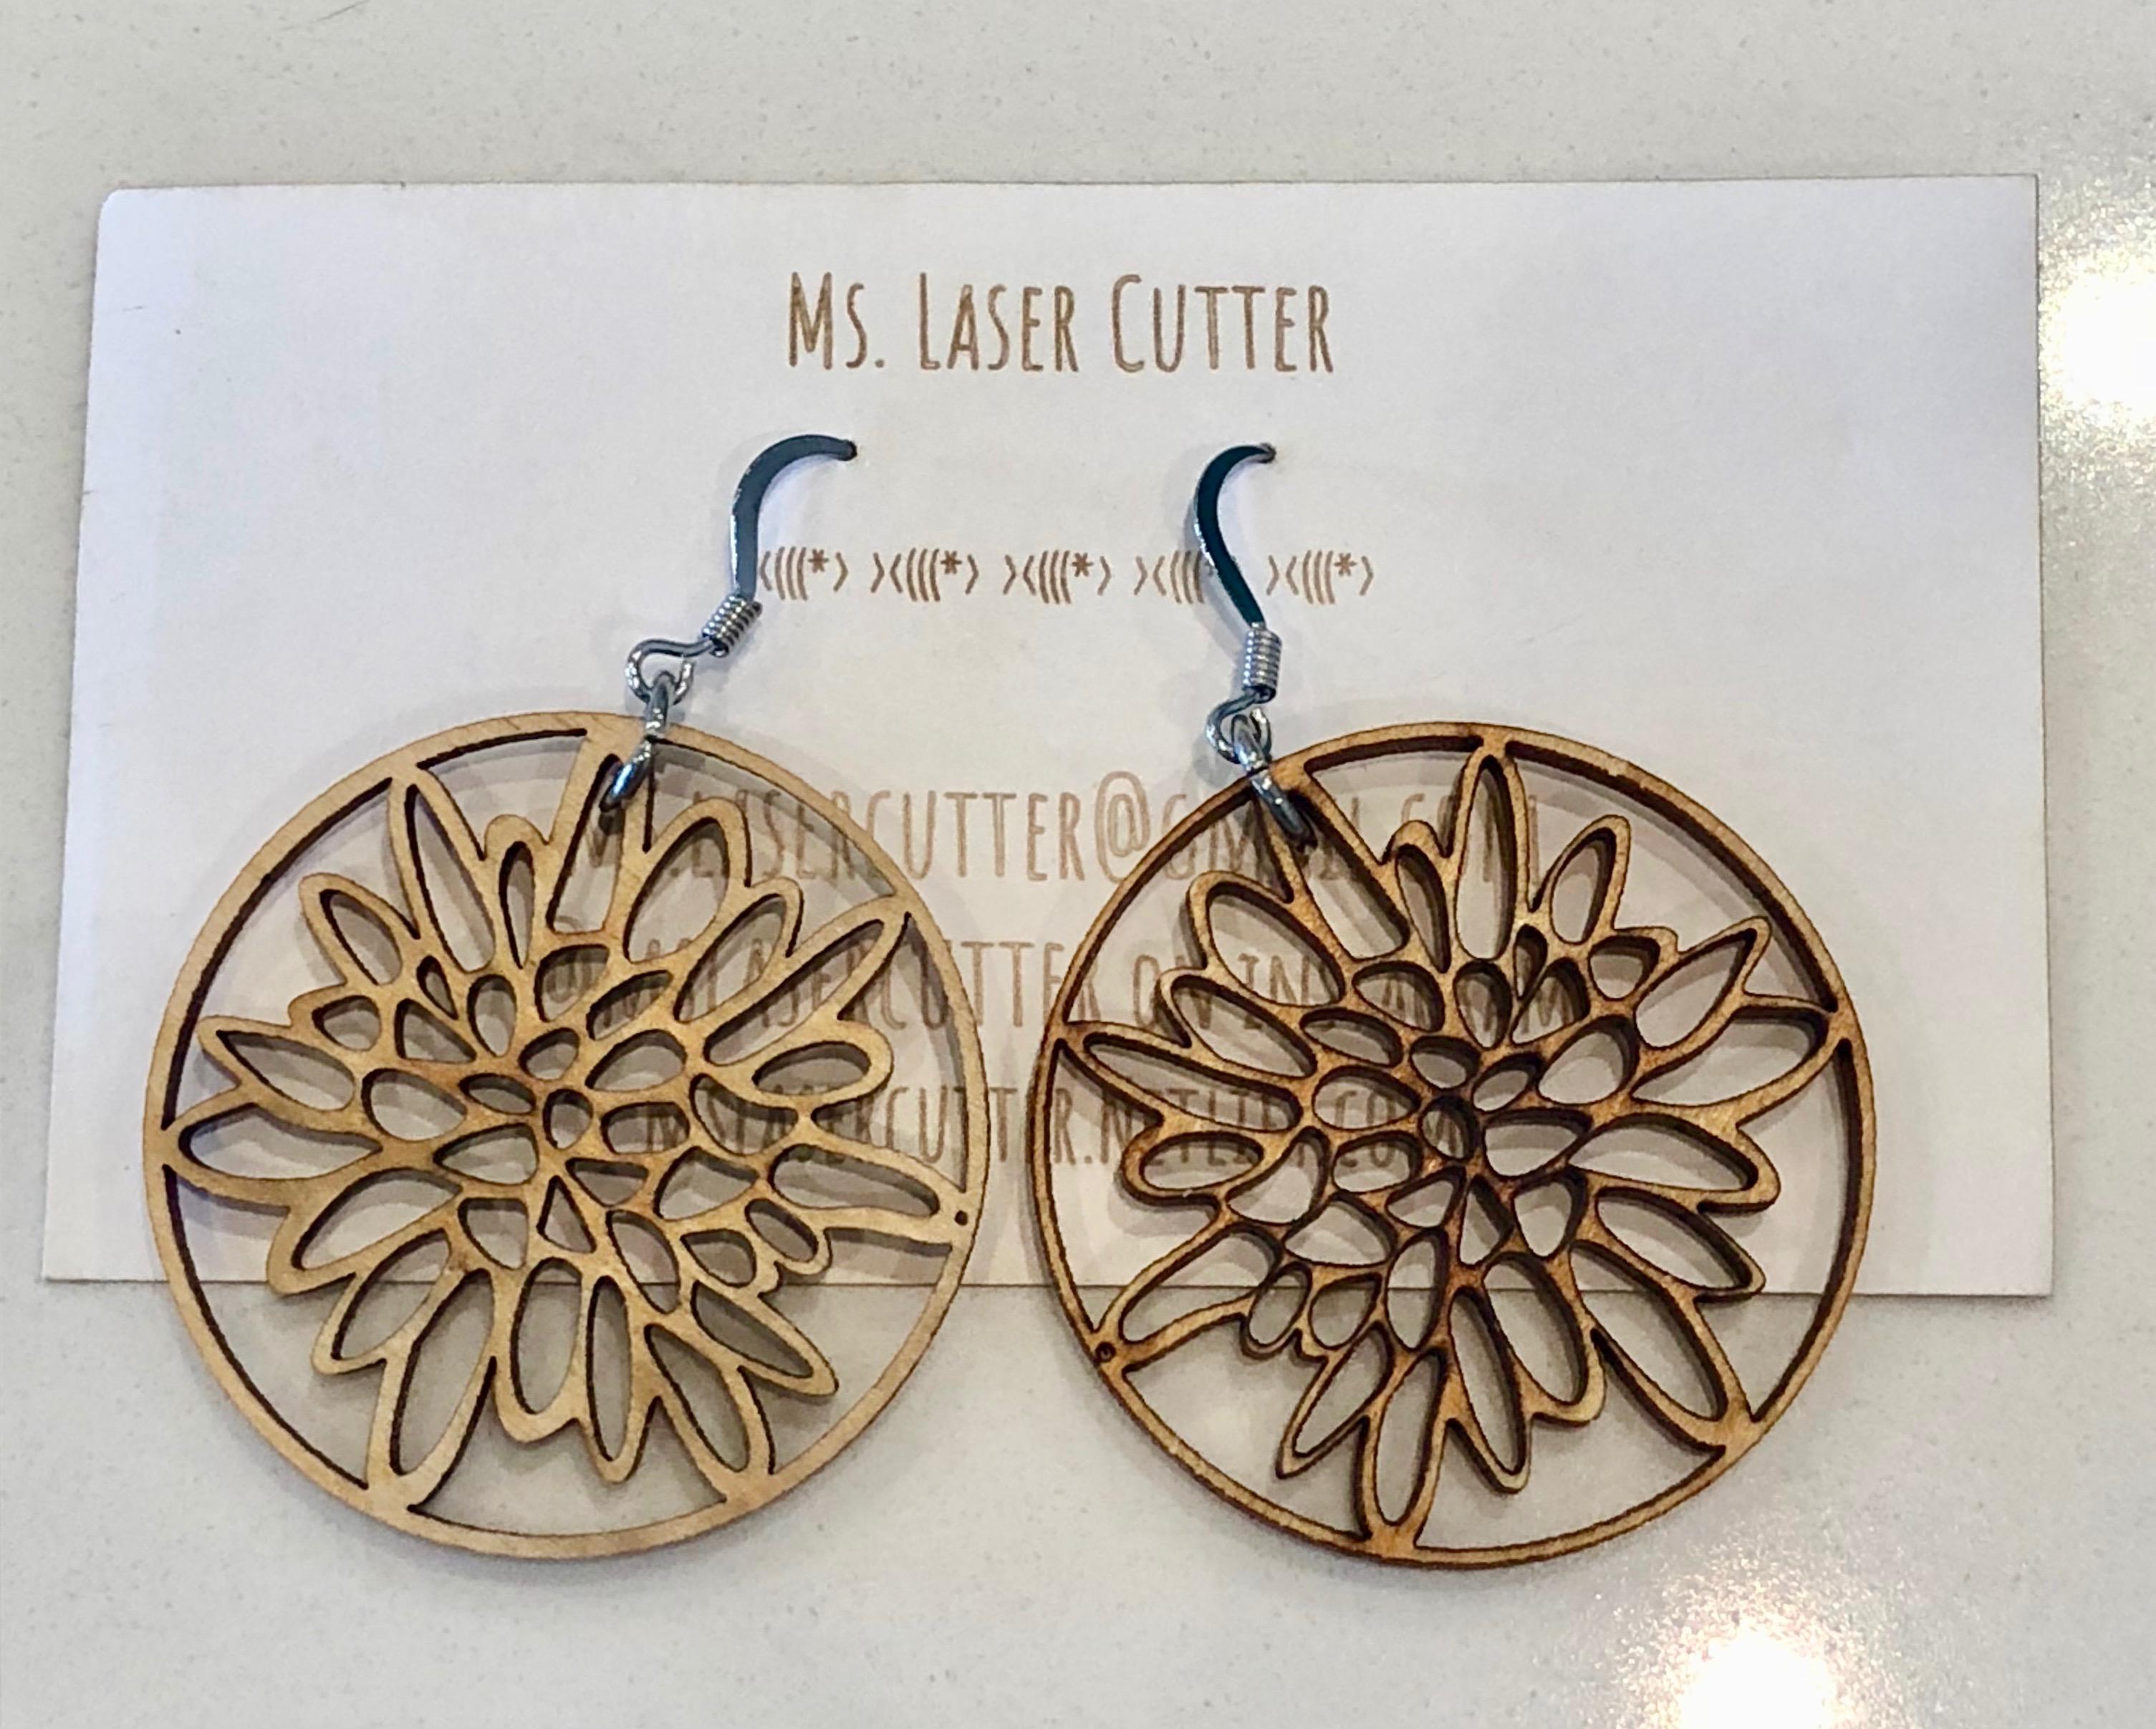 Ms Laser Cutter